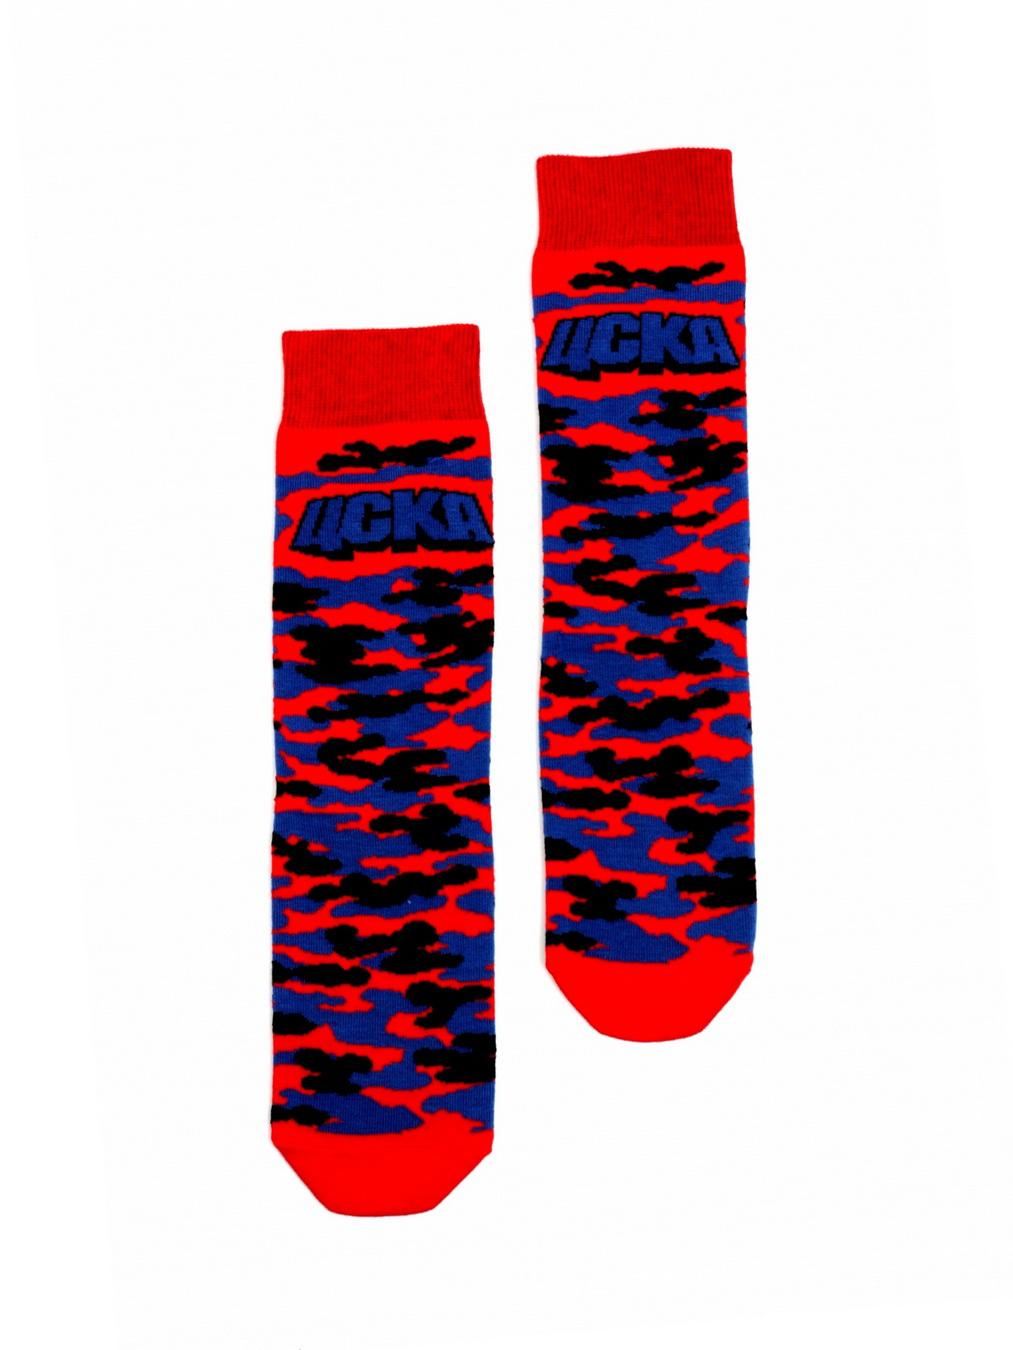 Носки мужские Милитари, цвет красно-синий (41-42) фото